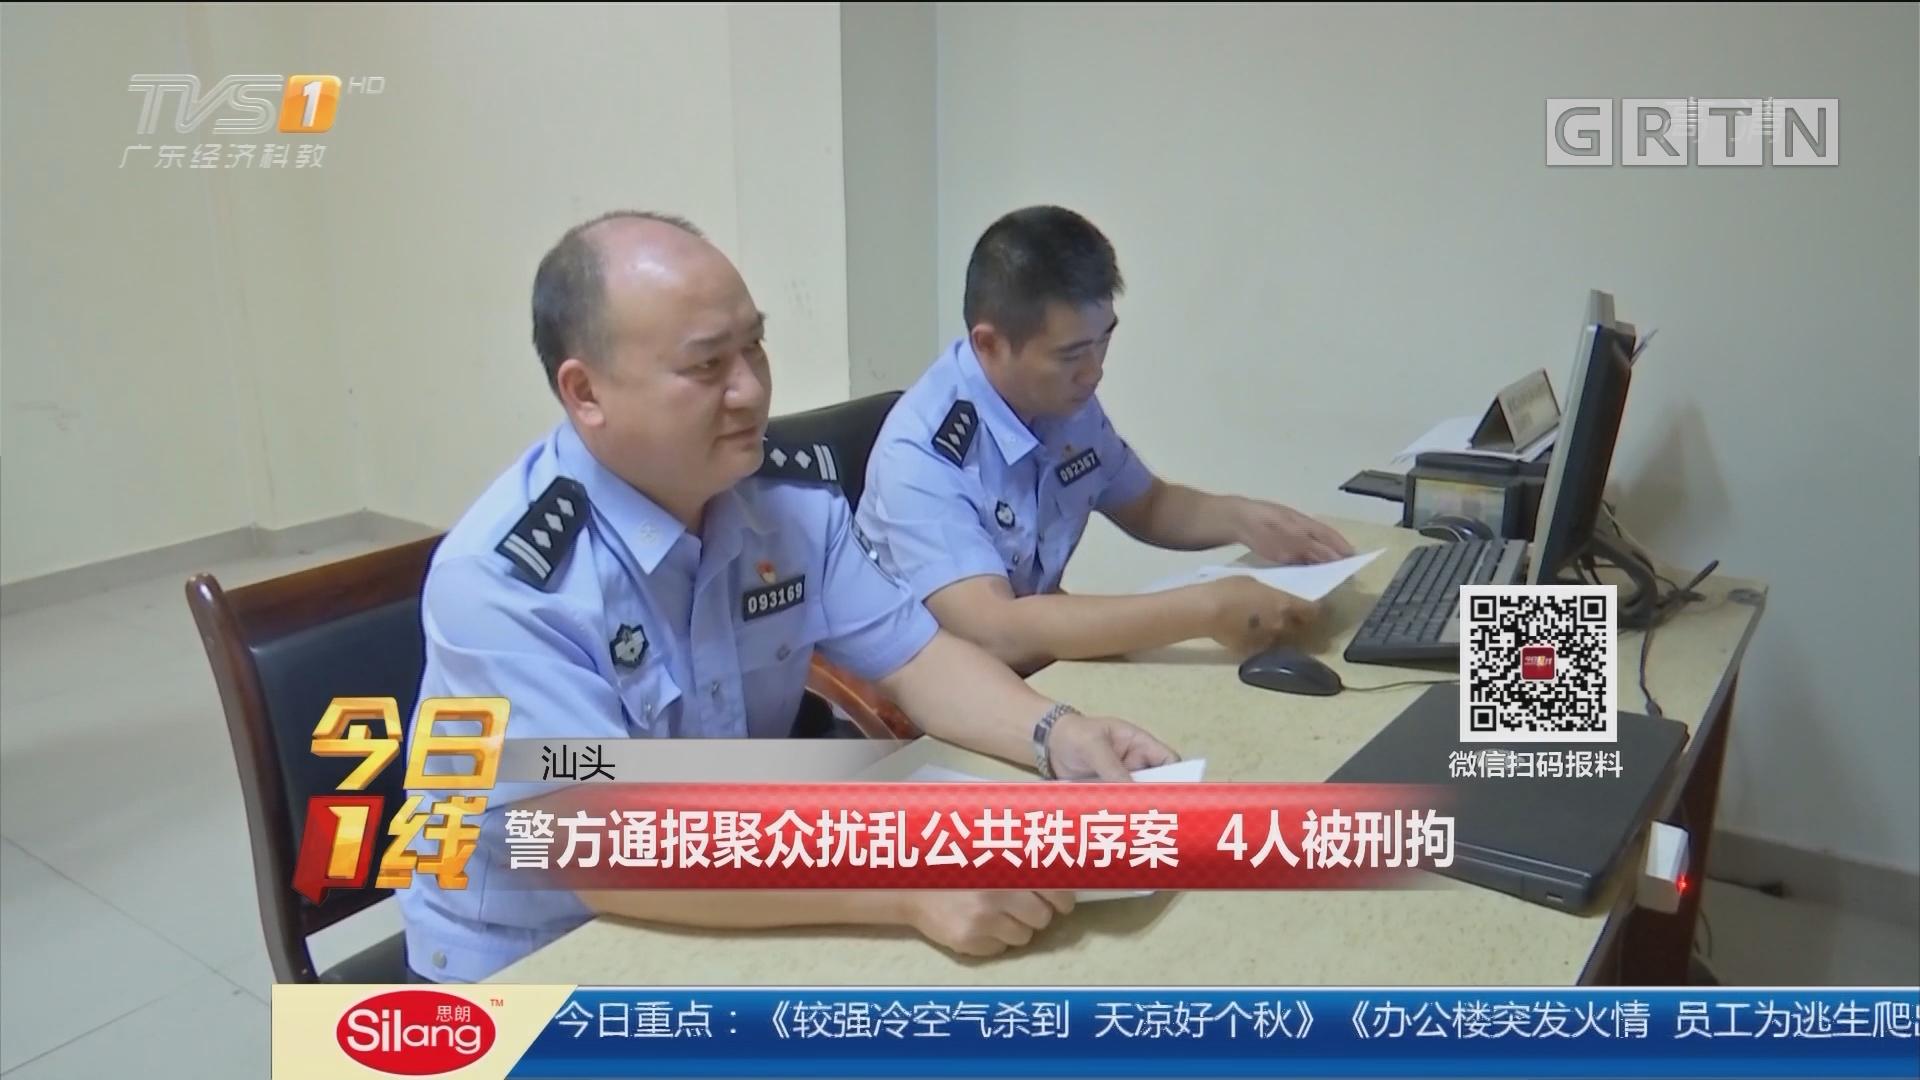 汕头:警方通报聚众扰乱公共秩序案 4人被刑拘